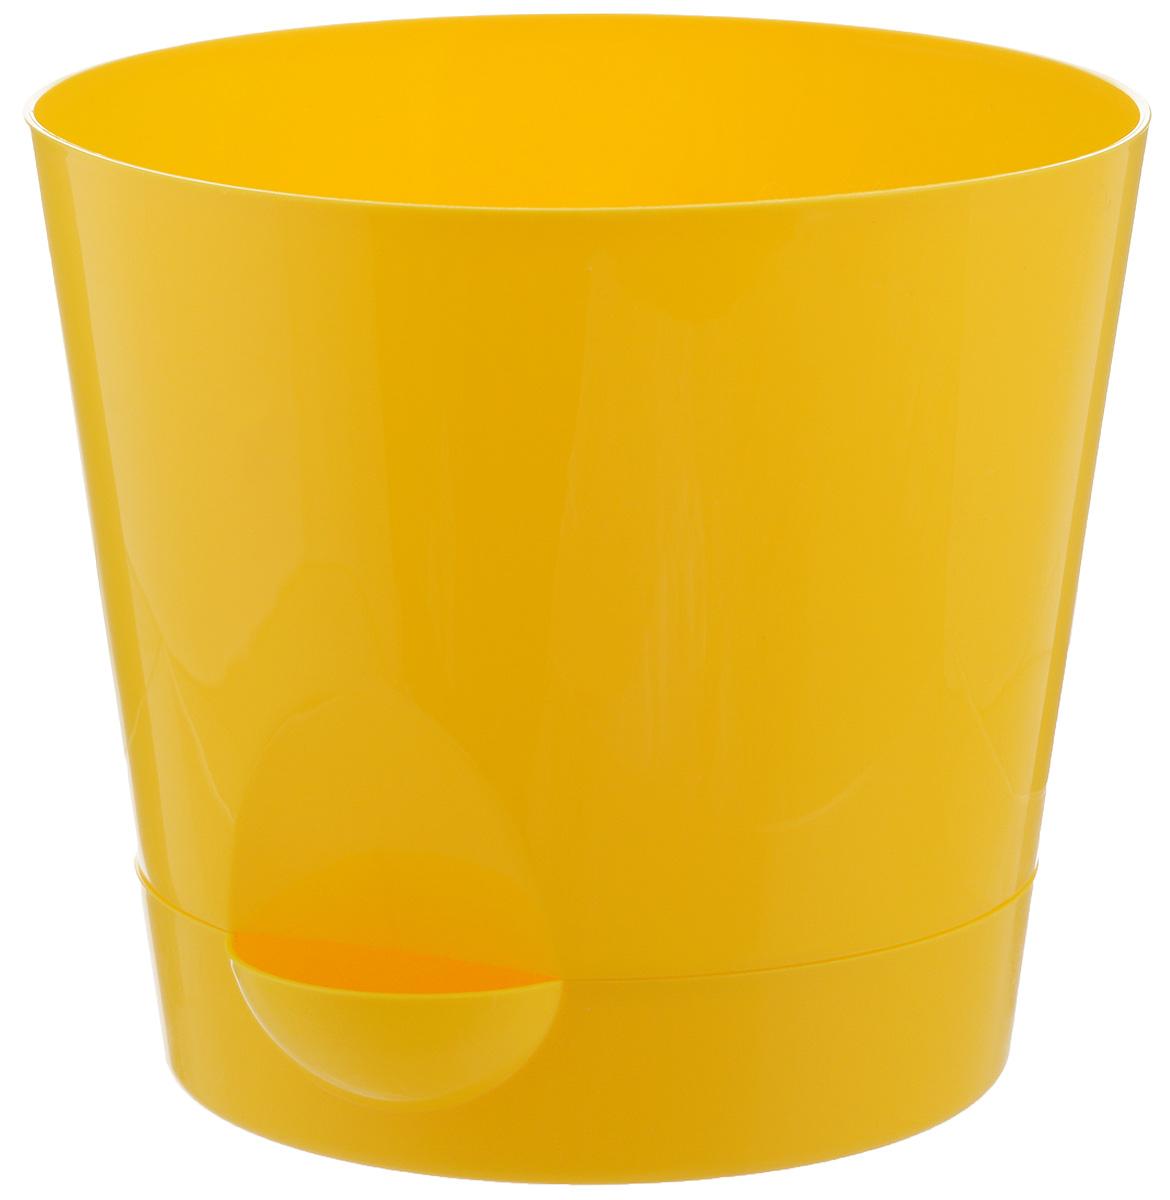 Кашпо Idea Ника, с прикорневым поливом, с поддоном, цвет: желтый, 2,7 л531-402Любой, даже самый современный и продуманный интерьер будет незавершённым без растений. Они не только очищают воздух и насыщают его кислородом, но и украшают окружающее пространство. Такому полезному члену семьи просто необходим красивый и функциональный дом! Мы предлагаем #name#! Оптимальный выбор материала — пластмасса! Почему мы так считаем?Малый вес. С лёгкостью переносите горшки и кашпо с места на место, ставьте их на столики или полки, не беспокоясь о нагрузке. Простота ухода. Кашпо не нуждается в специальных условиях хранения. Его легко чистить — достаточно просто сполоснуть тёплой водой. Никаких потёртостей. Такие кашпо не царапают и не загрязняют поверхности, на которых стоят. Пластик дольше хранит влагу, а значит, растение реже нуждается в поливе. Пластмасса не пропускает воздух — корневой системе растения не грозят резкие перепады температур. Огромный выбор форм, декора и расцветок — вы без труда найдёте что-то, что идеально впишется в уже существующий интерьер. Соблюдая нехитрые правила ухода, вы можете заметно продлить срок службы горшков и кашпо из пластика:всегда учитывайте размер кроны и корневой системы (при разрастании большое растение способно повредить маленький горшок)берегите изделие от воздействия прямых солнечных лучей, чтобы горшки не выцветалидержите кашпо из пластика подальше от нагревающихся поверхностей. Создавайте прекрасные цветочные композиции, выращивайте рассаду или необычные растения.